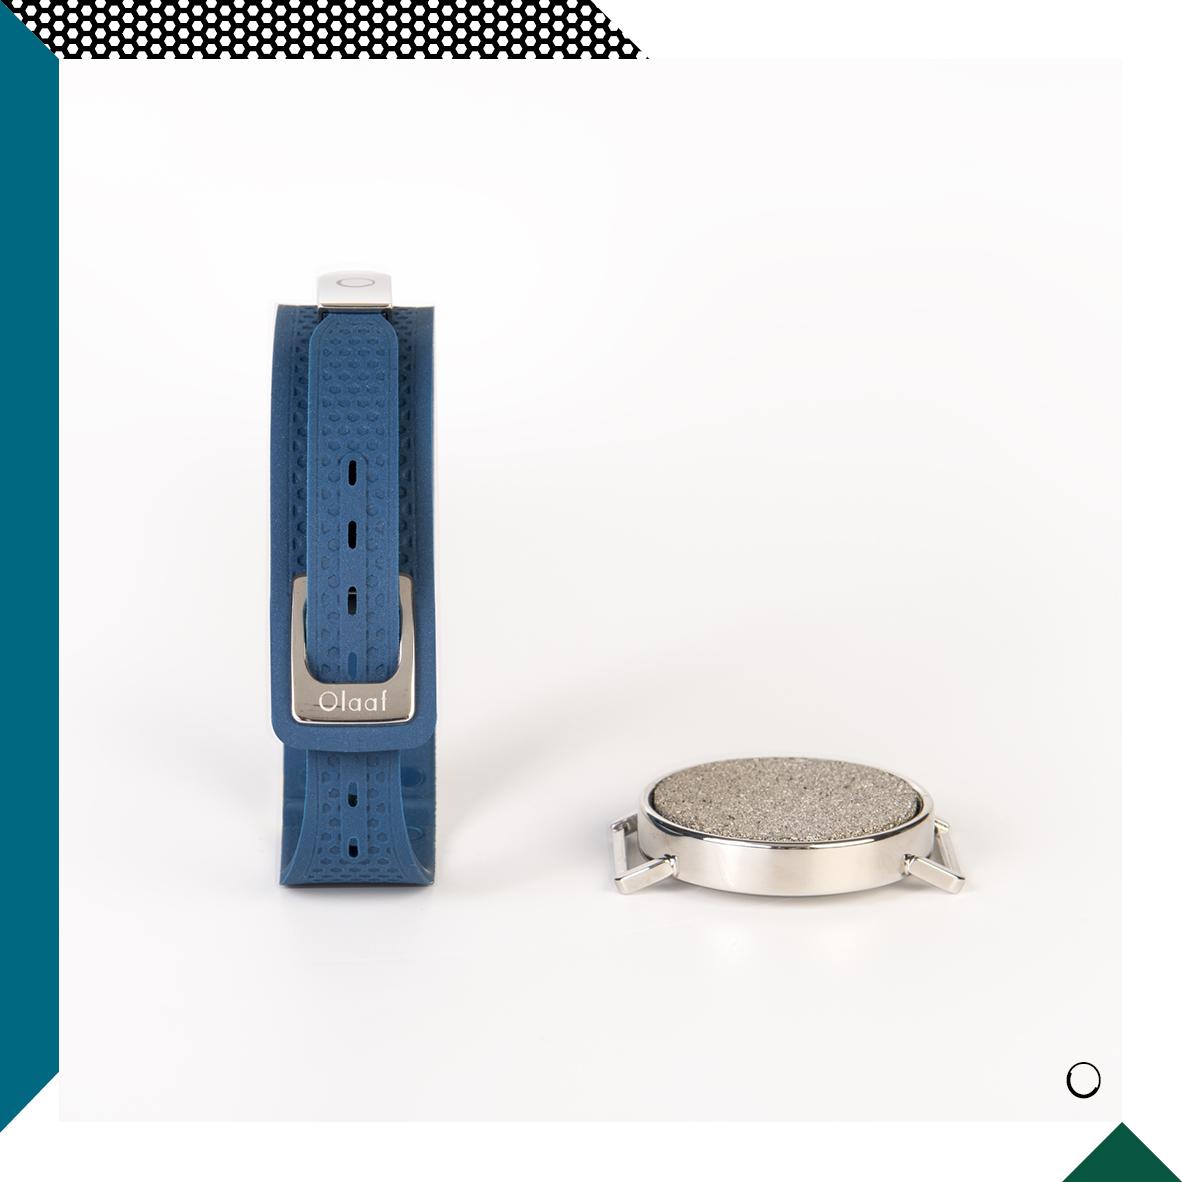 Le coffret - Un coffret unique avec un module olfactif et un bracelet Olaaf